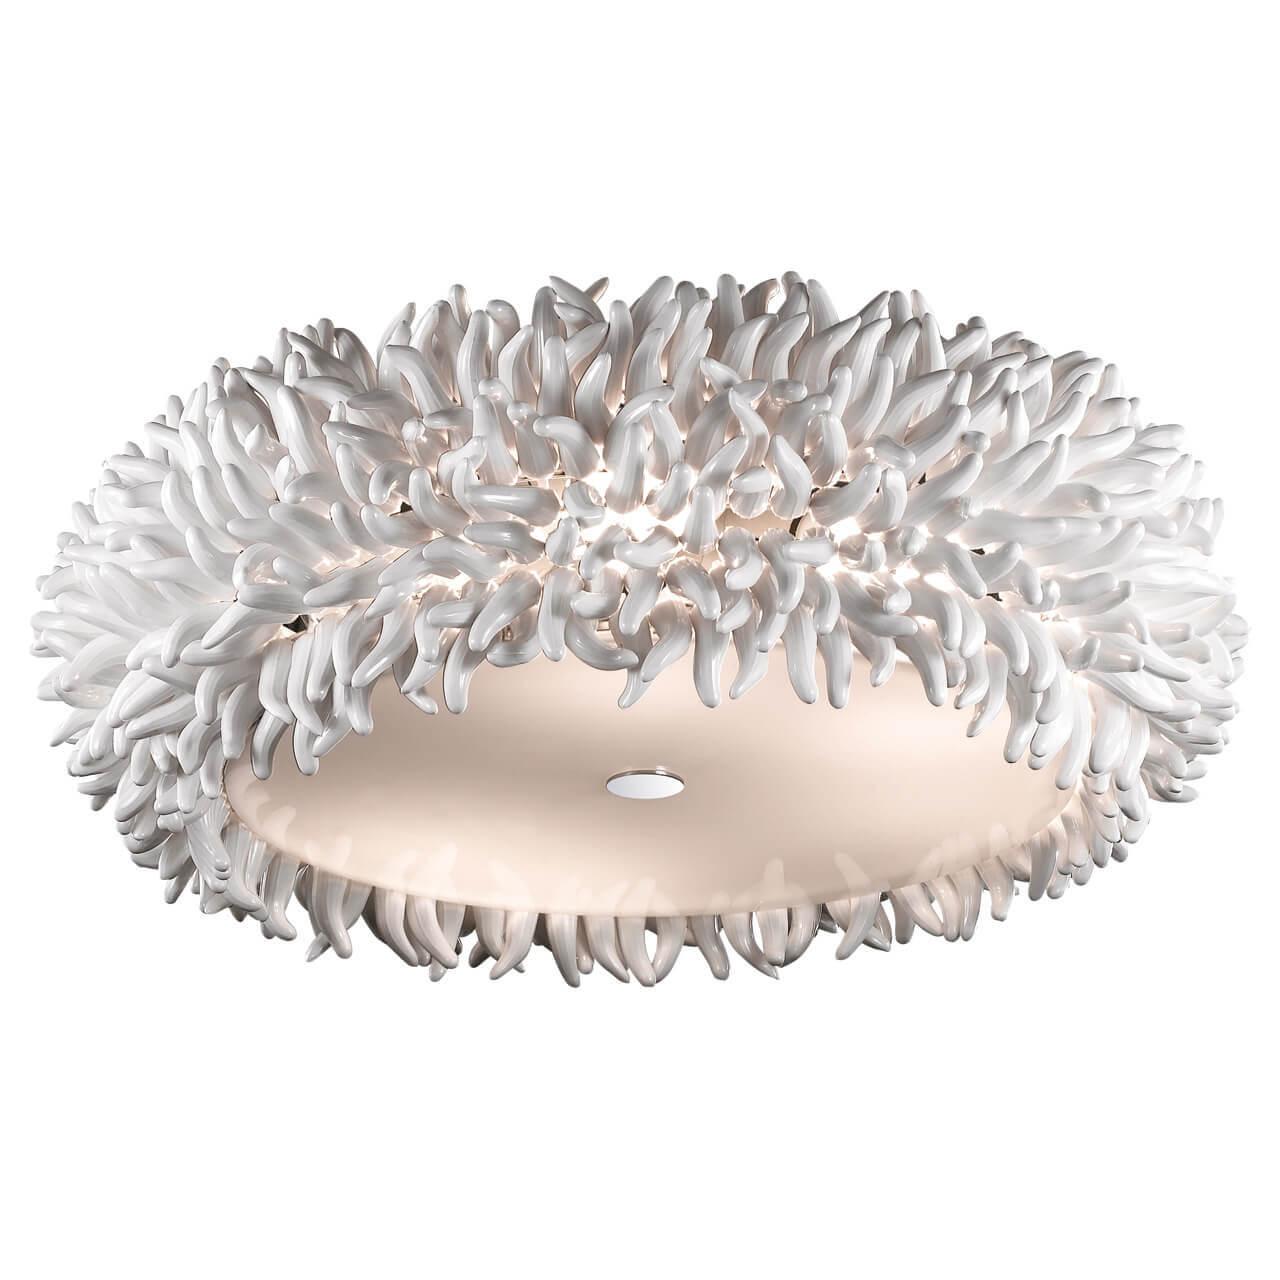 Потолочный светильник Odeon Light Esma 2755/6C светильник настенно потолочный odeon light 2677 6c odl14 427 g9 6 40w 220v palmira золото белый